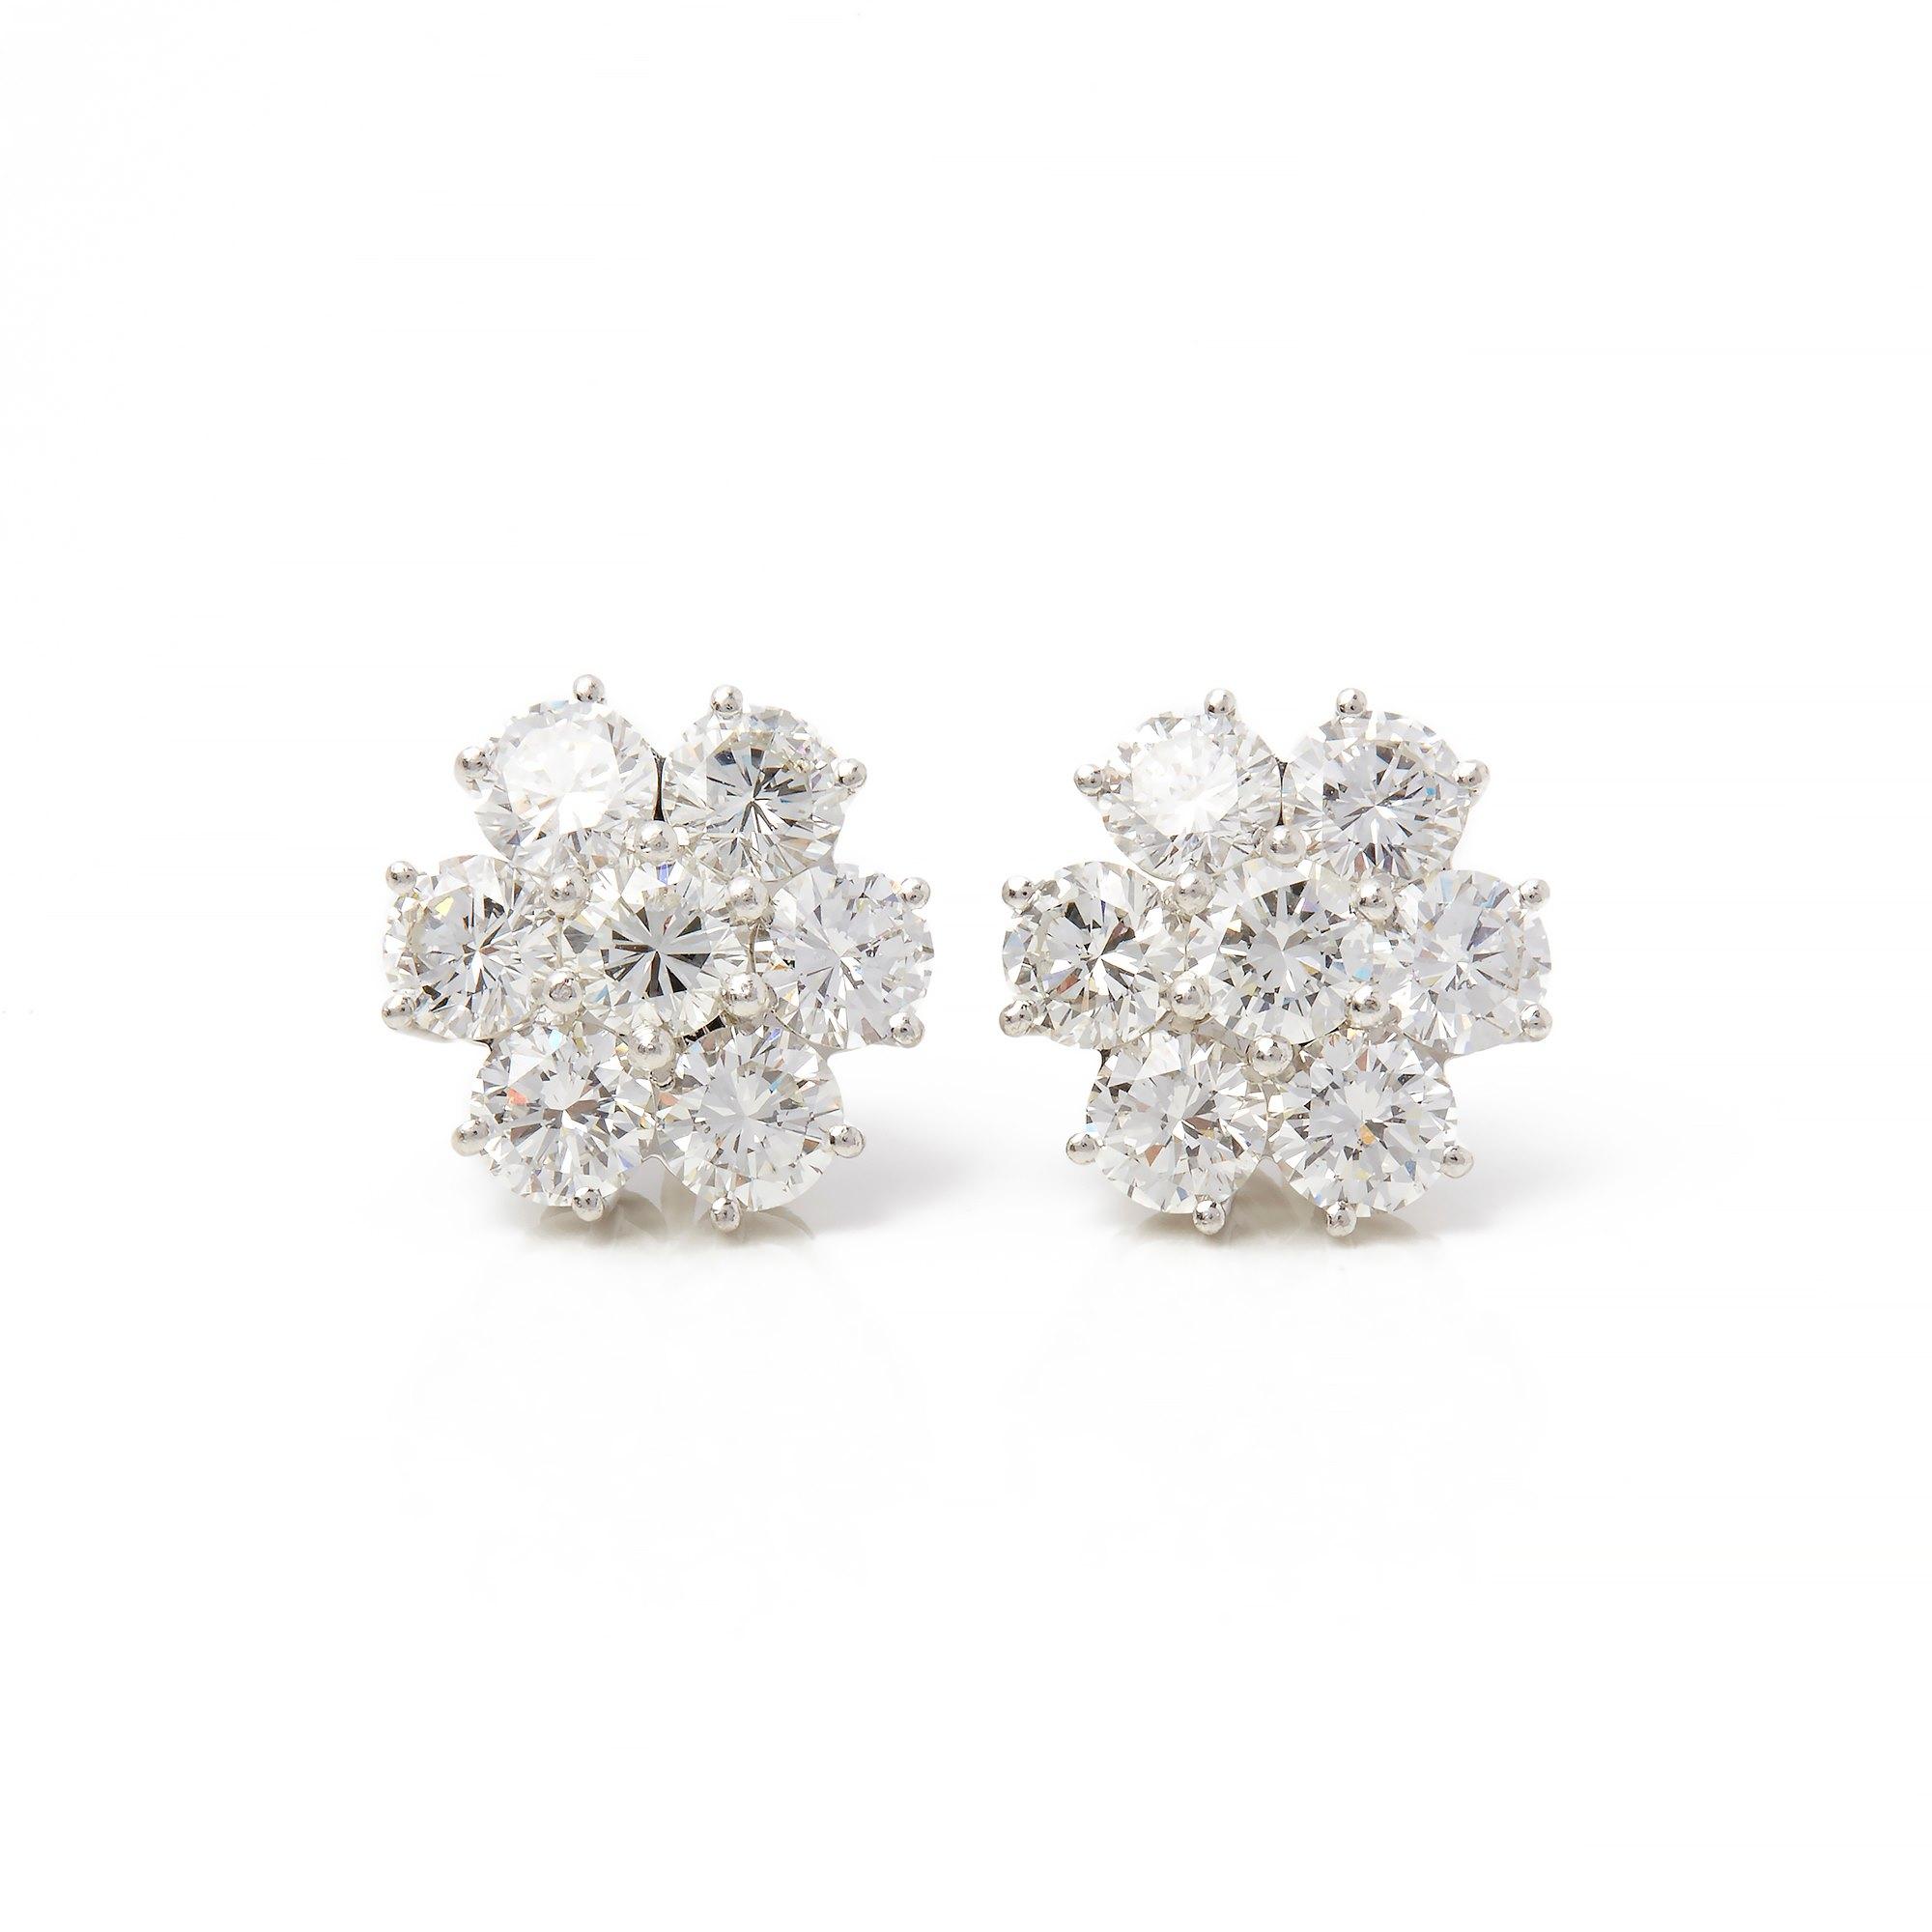 Boodles 18k White Gold Diamond Cluster Stud Earrings